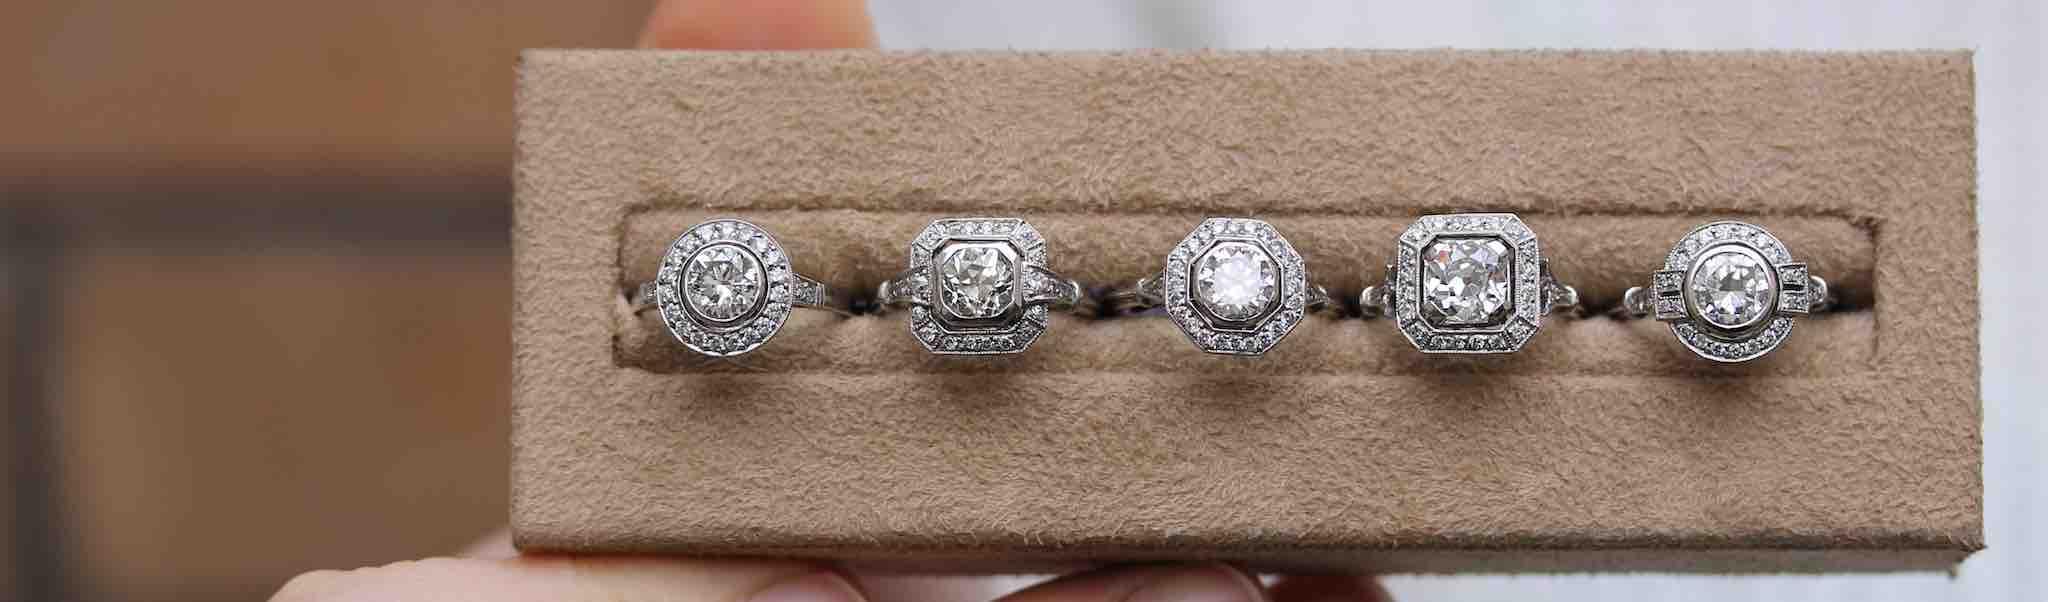 bagues anciennes diamants